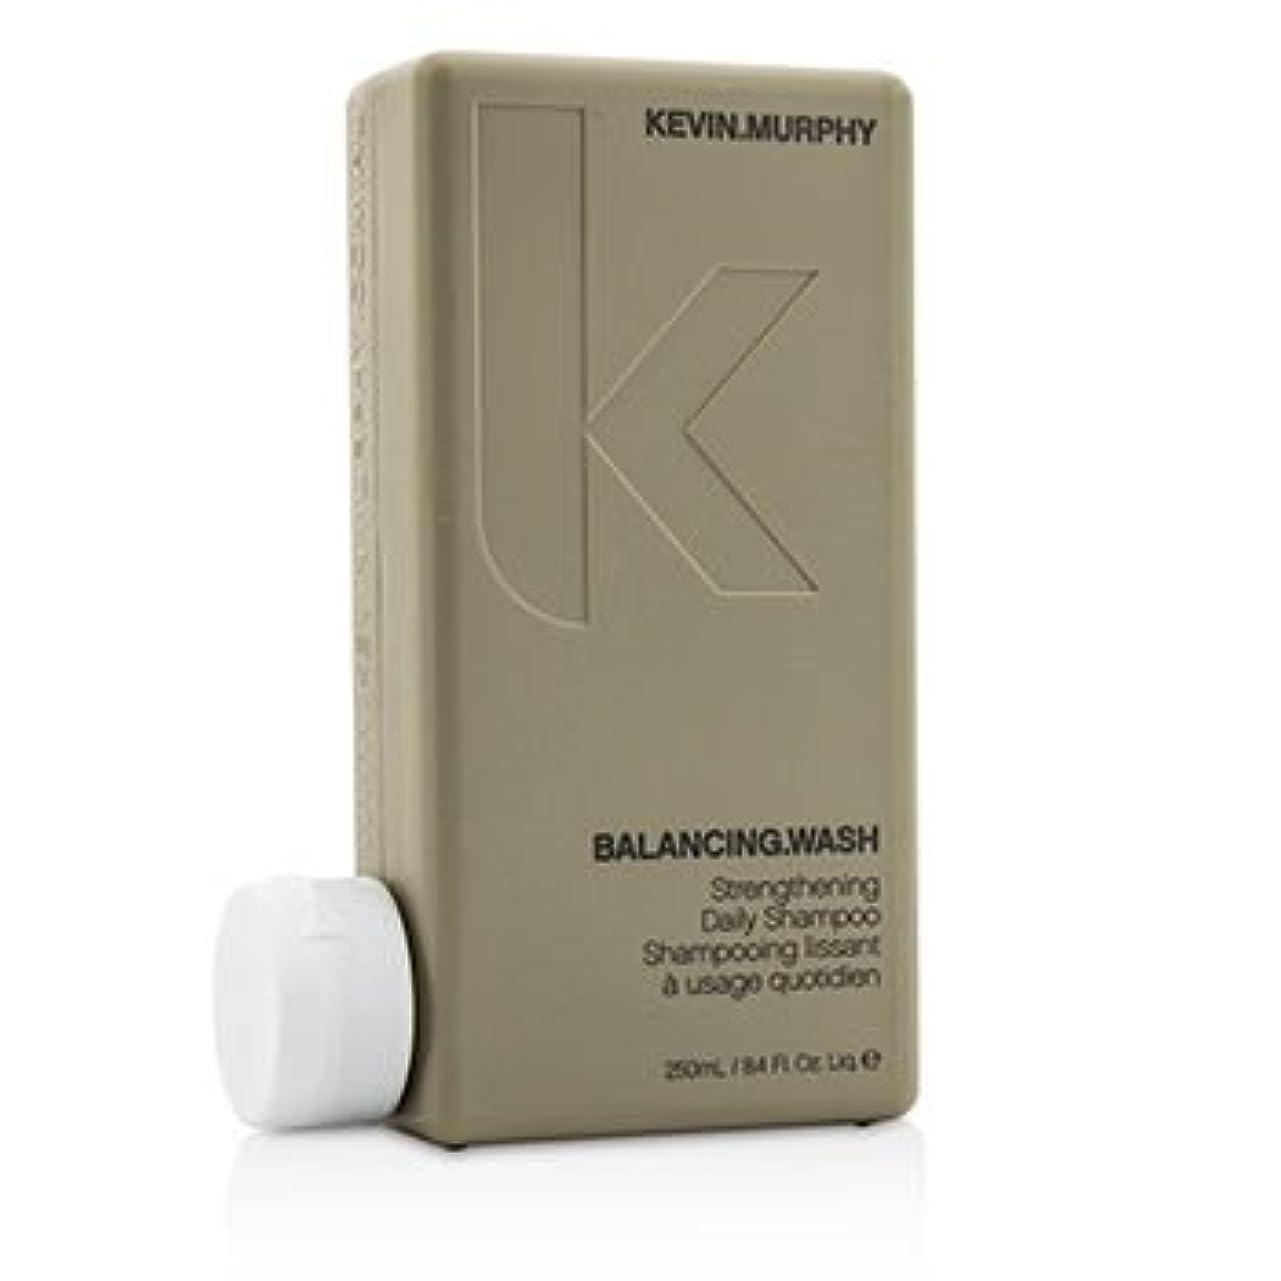 小道具患者サーフィン[Kevin.Murphy] Balancing.Wash (Strengthening Daily Shampoo - For Coloured Hair) 250ml/8.4oz